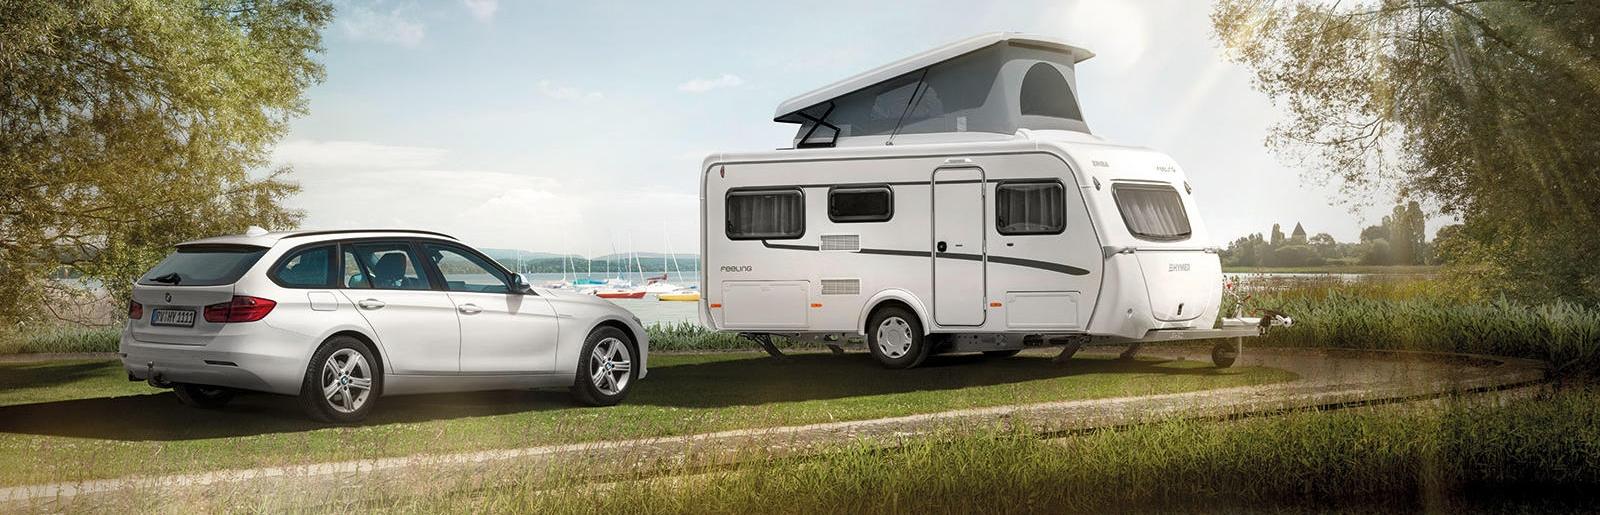 Topmatras Voor Caravan.Basic 200 X 60 X 15 Cm Matras Caravan Extra